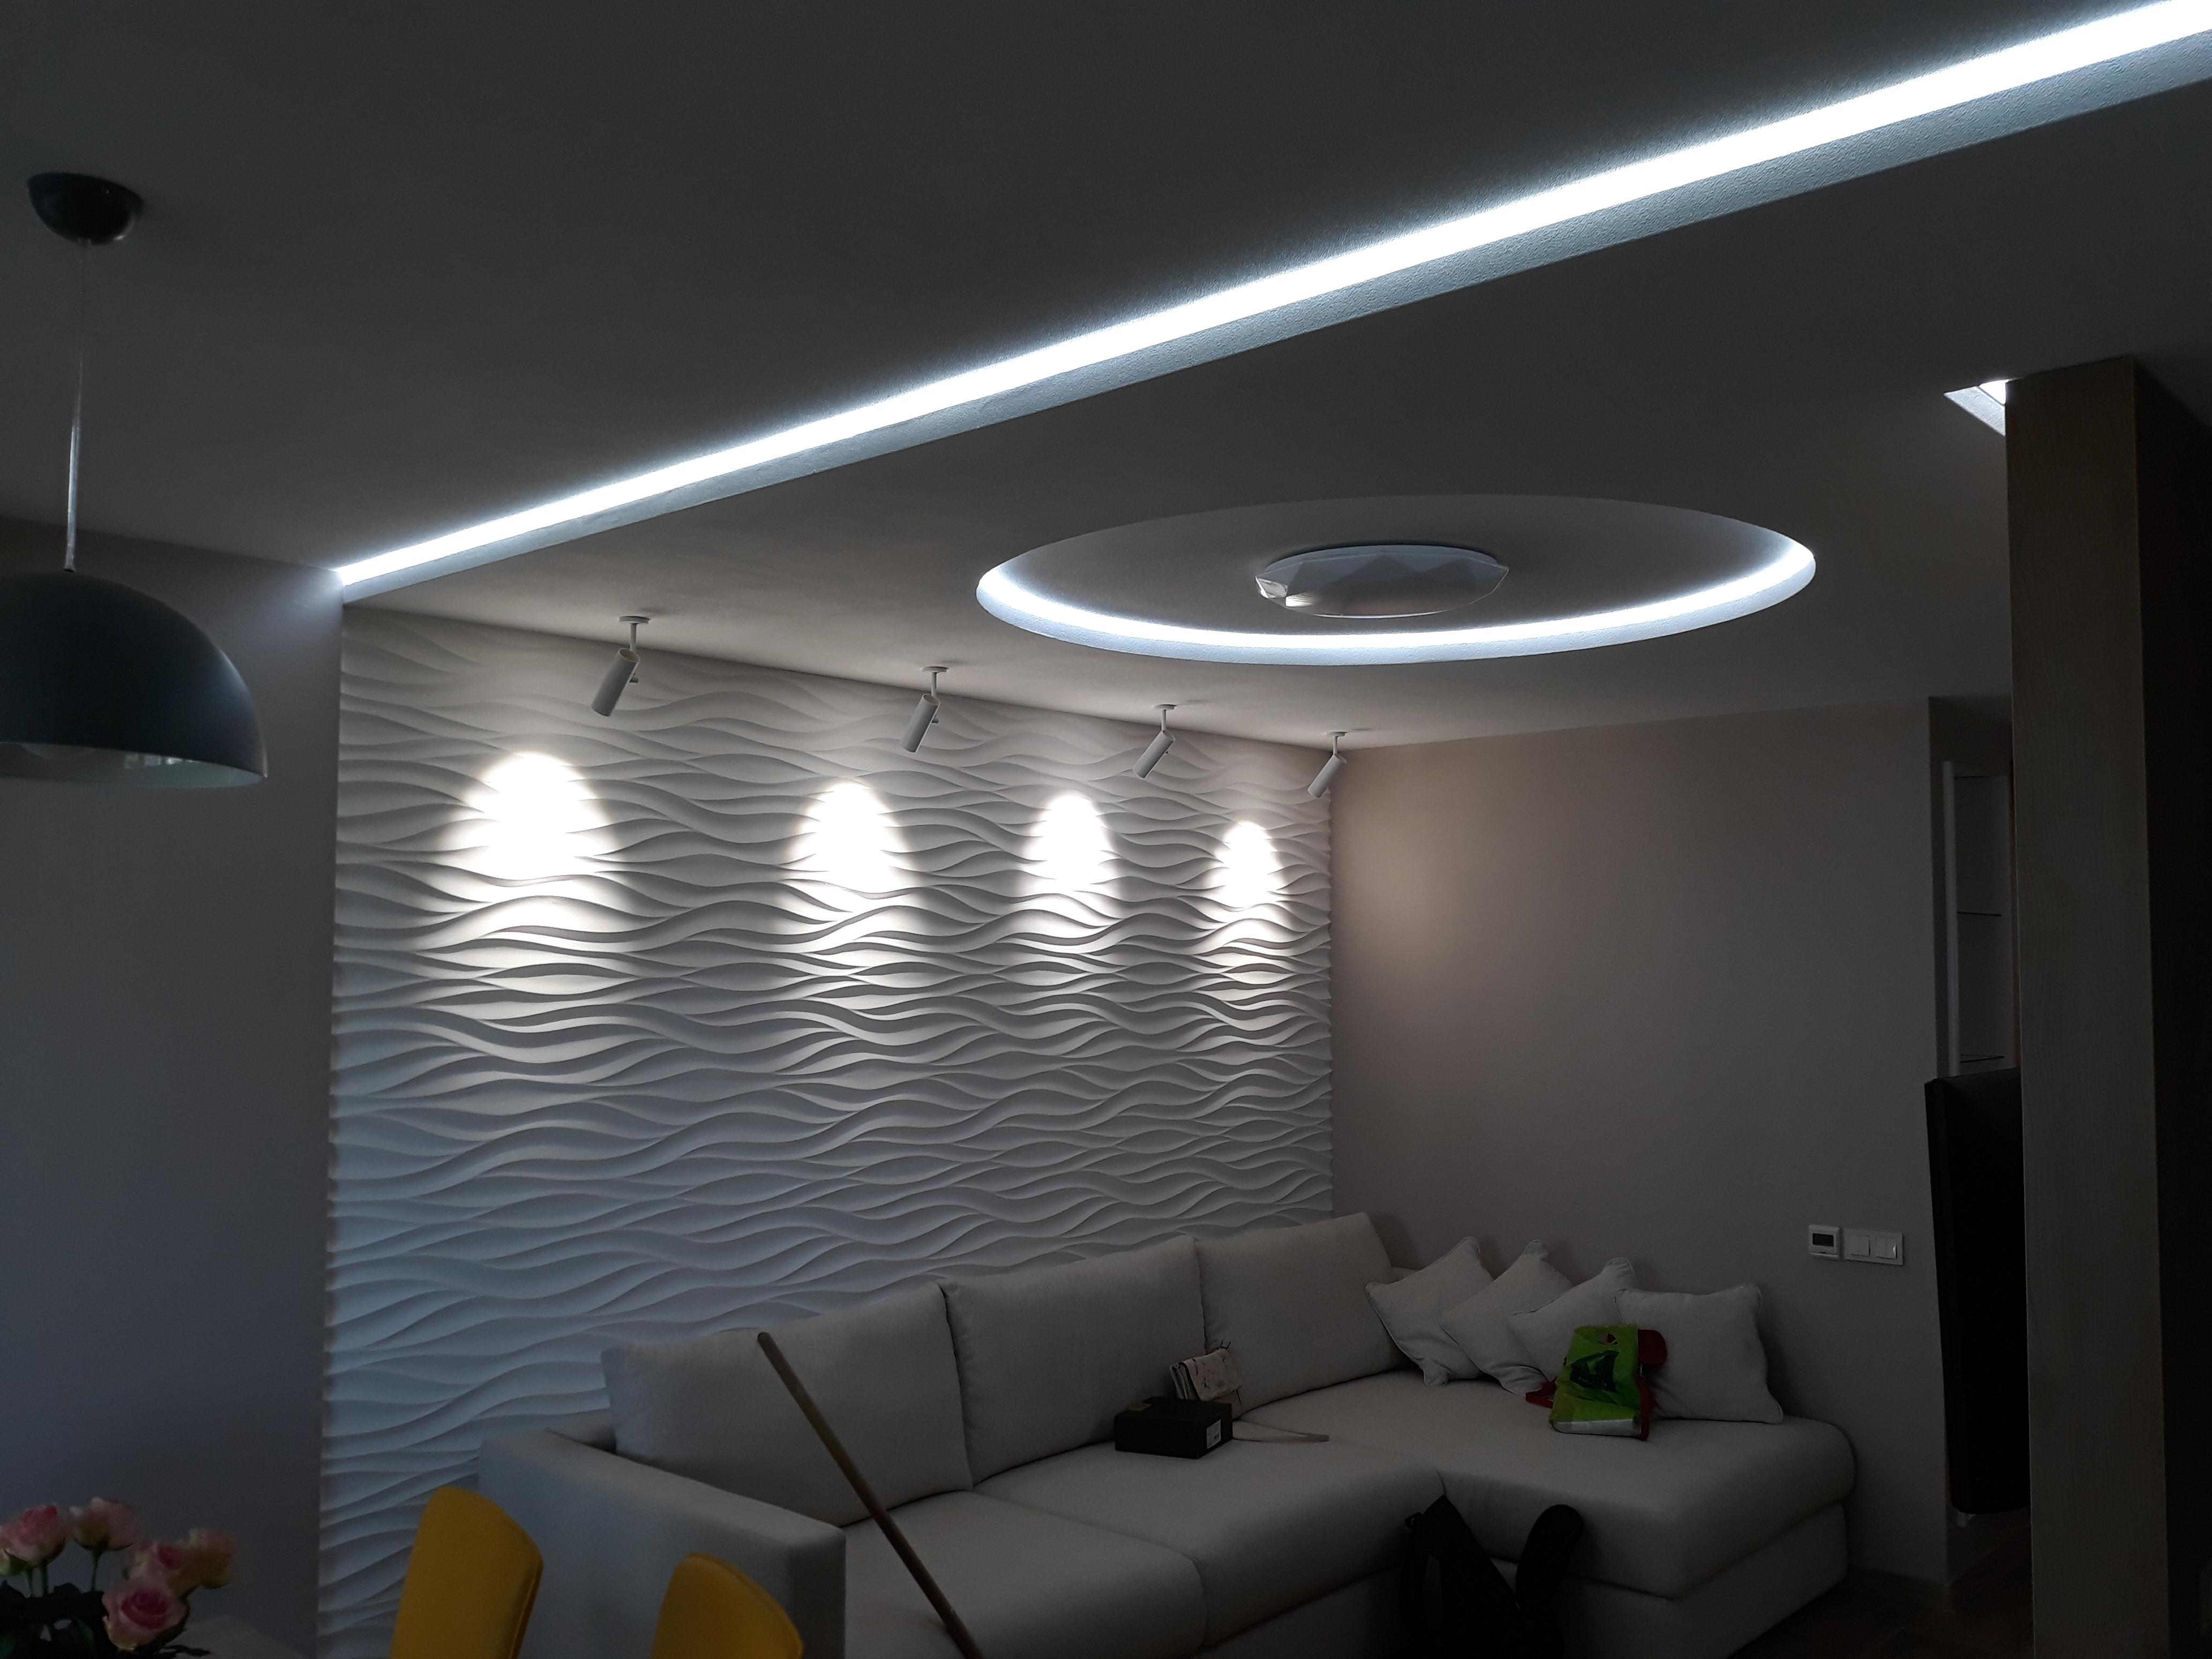 Фото монтаж и подключение светодиодной ленты и светильников